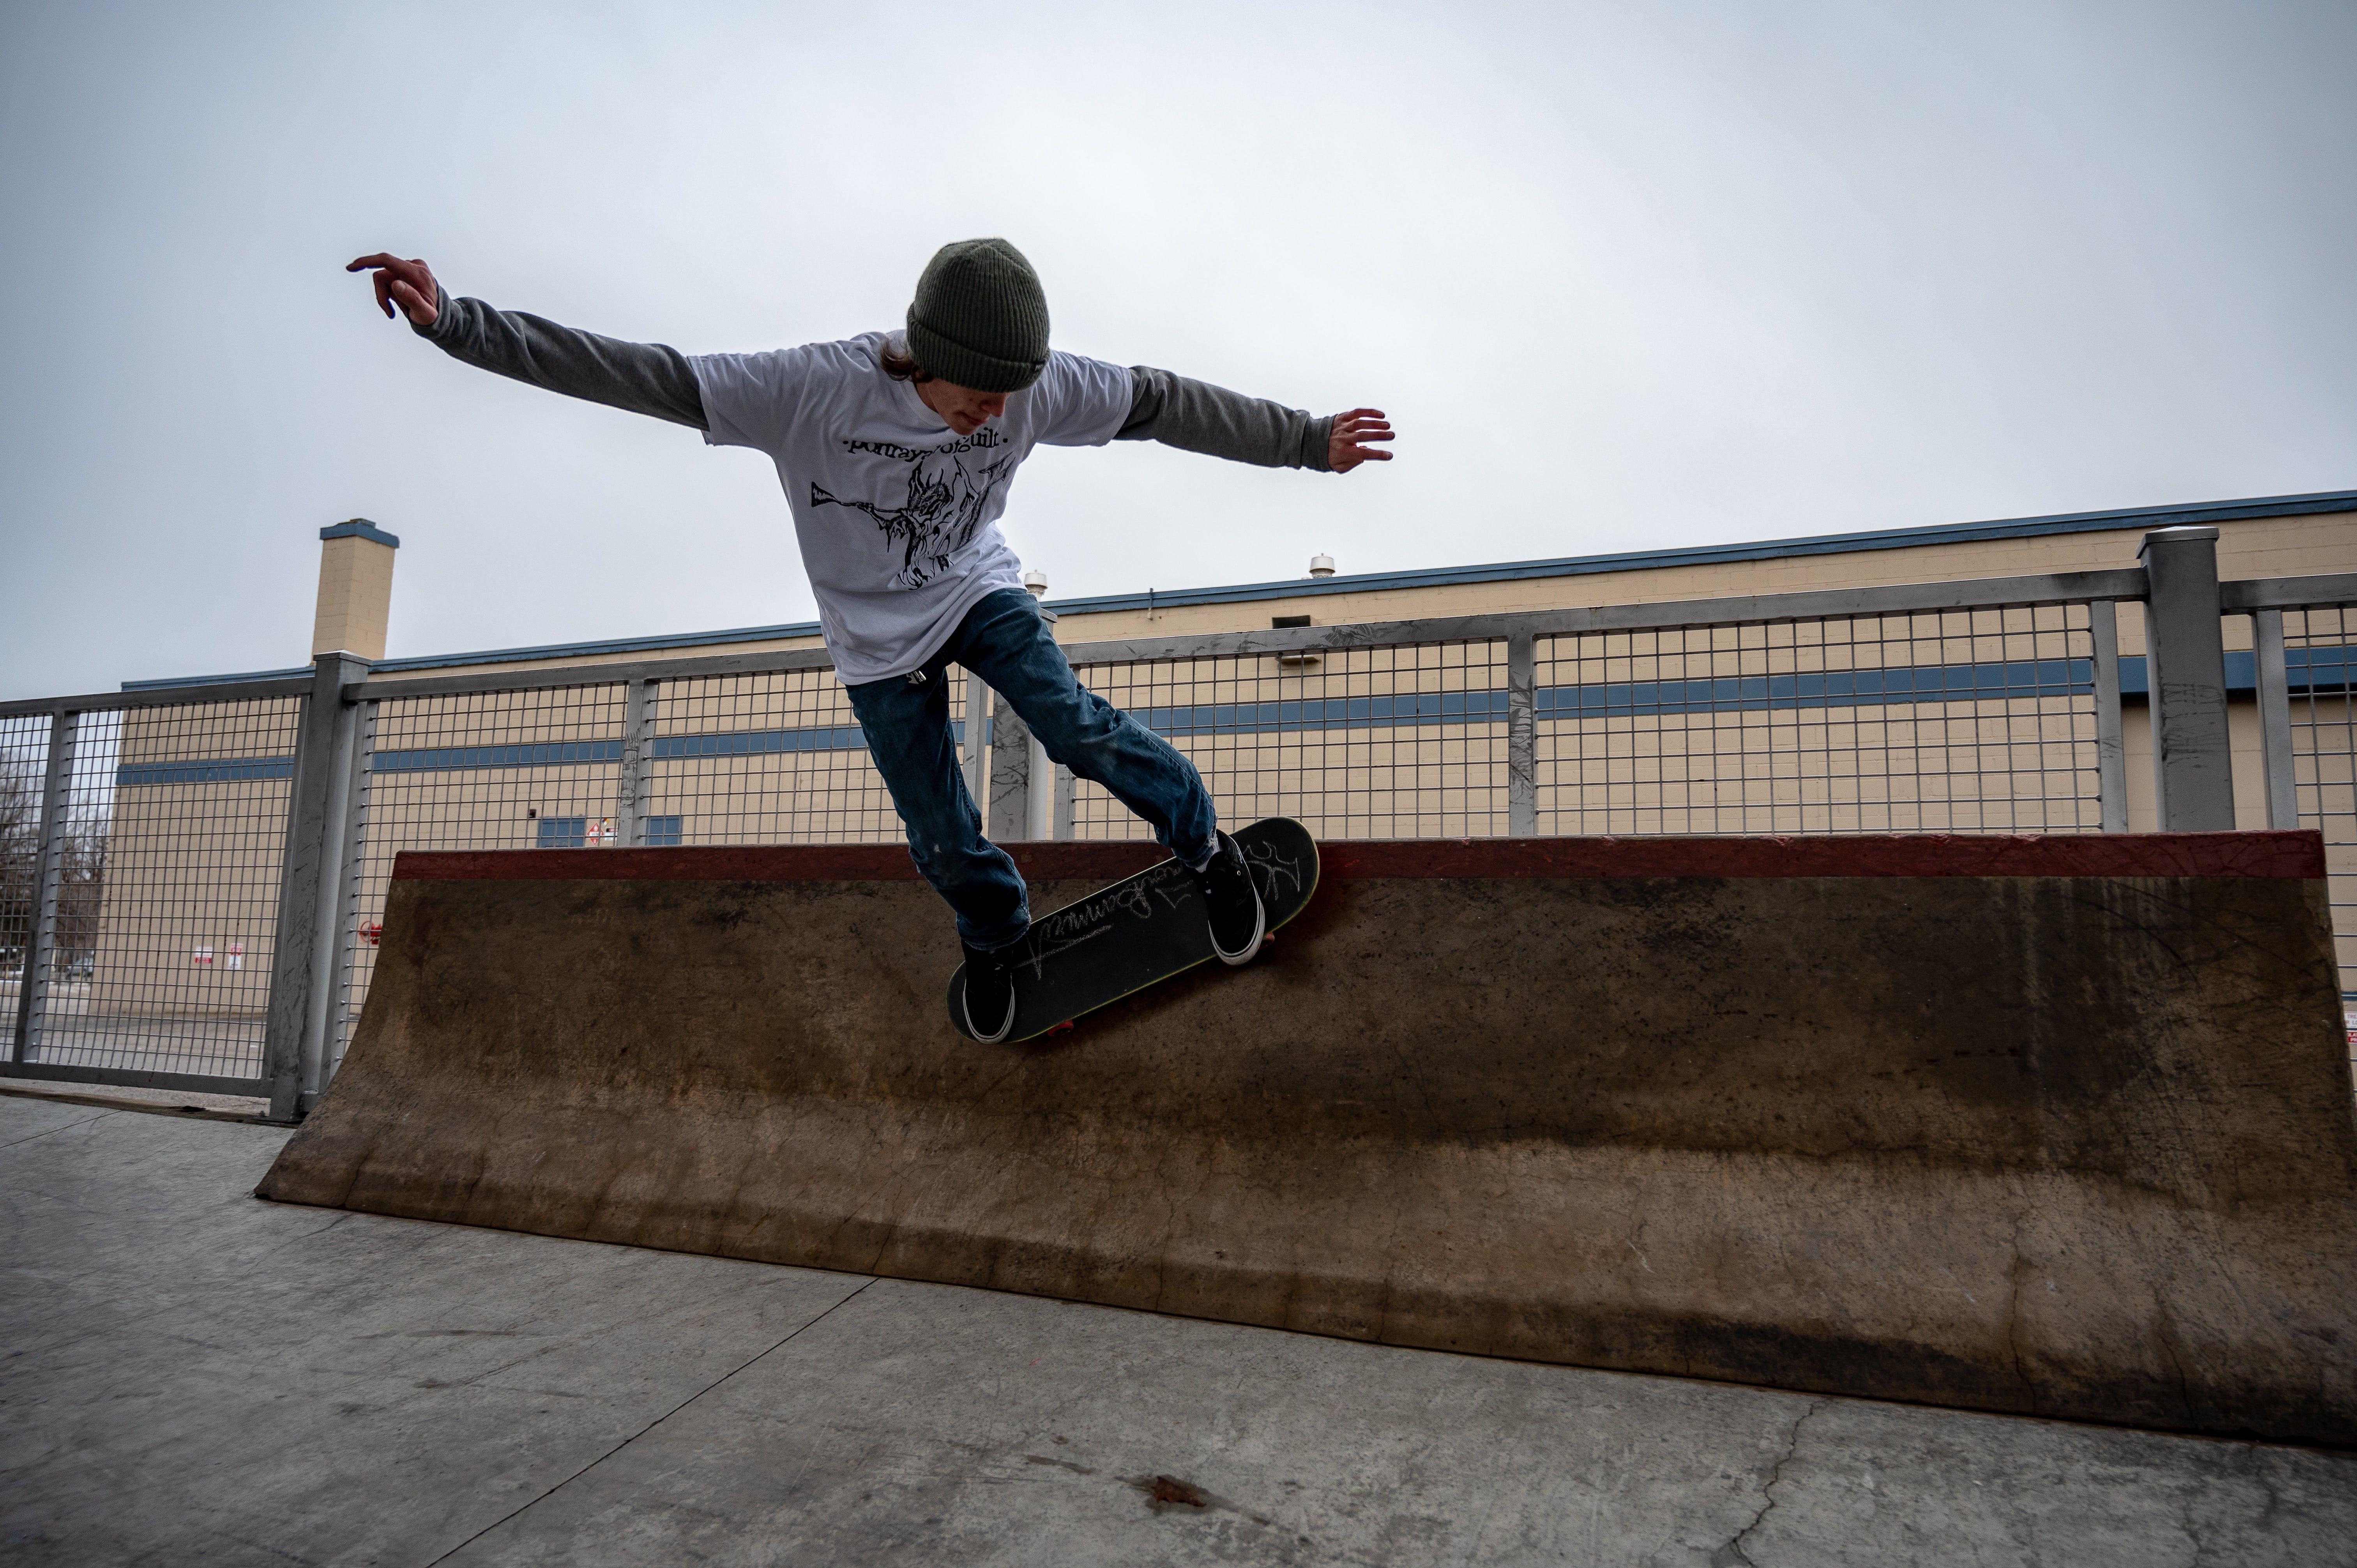 Gratis stockfoto met actie, balans, beanie, betonnen barrière